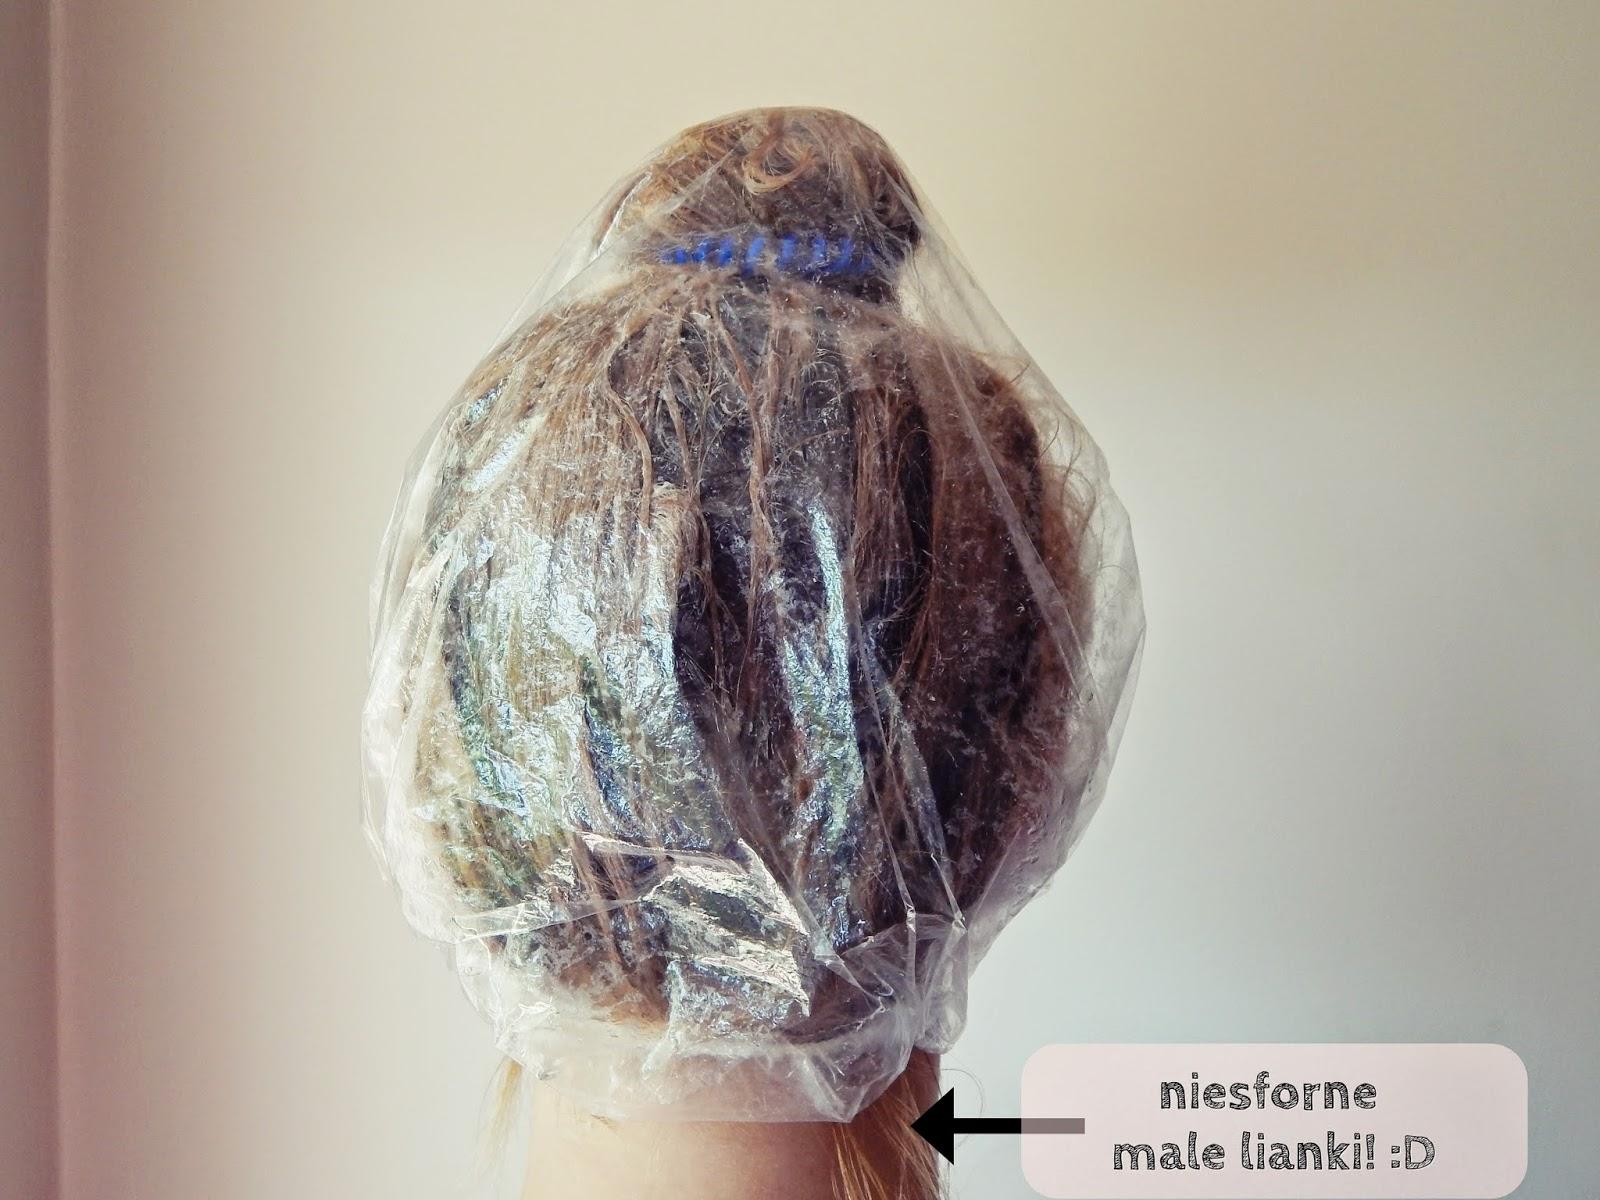 biovax dla blond, efekty, biovax, maska, włosy, oliwka rossmann